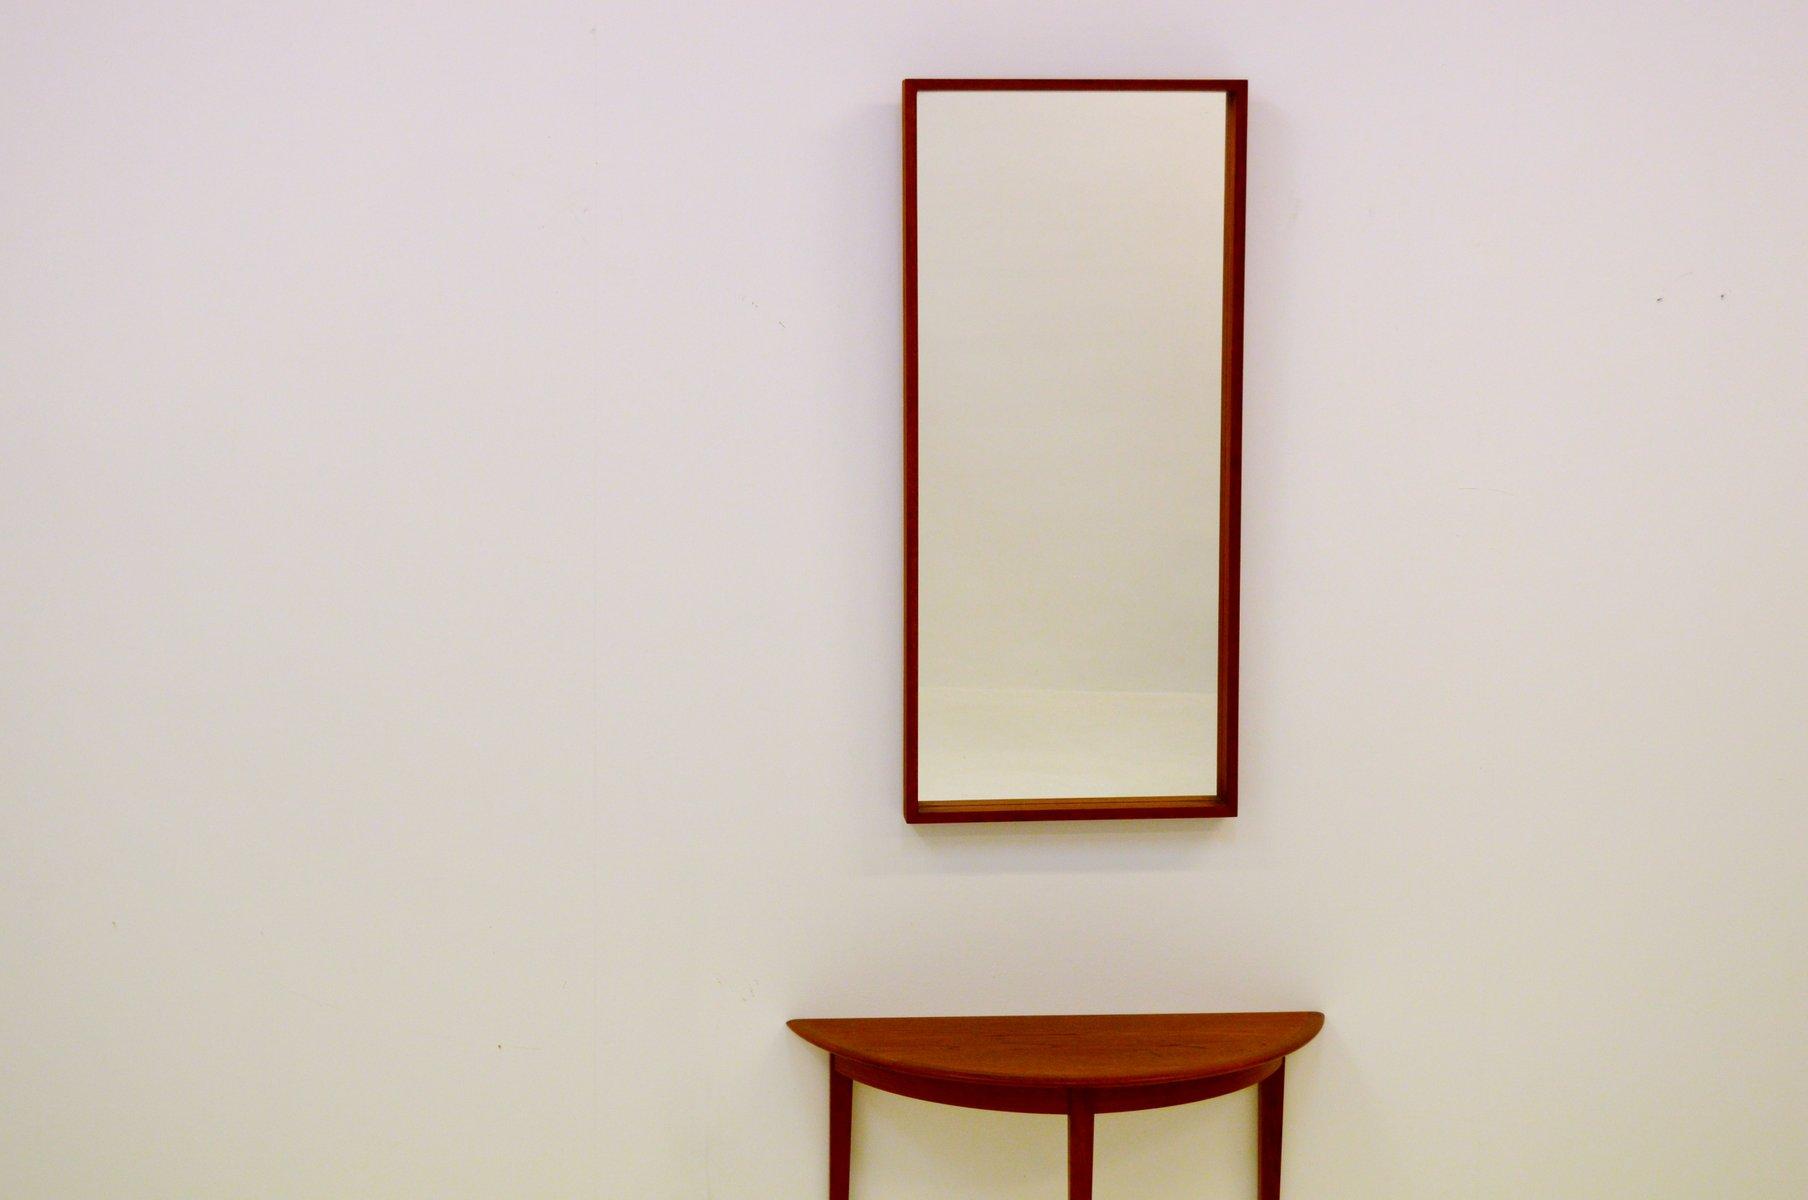 Halbmond teak tisch und spiegel von glas tr 1960er bei for Spiegel glas